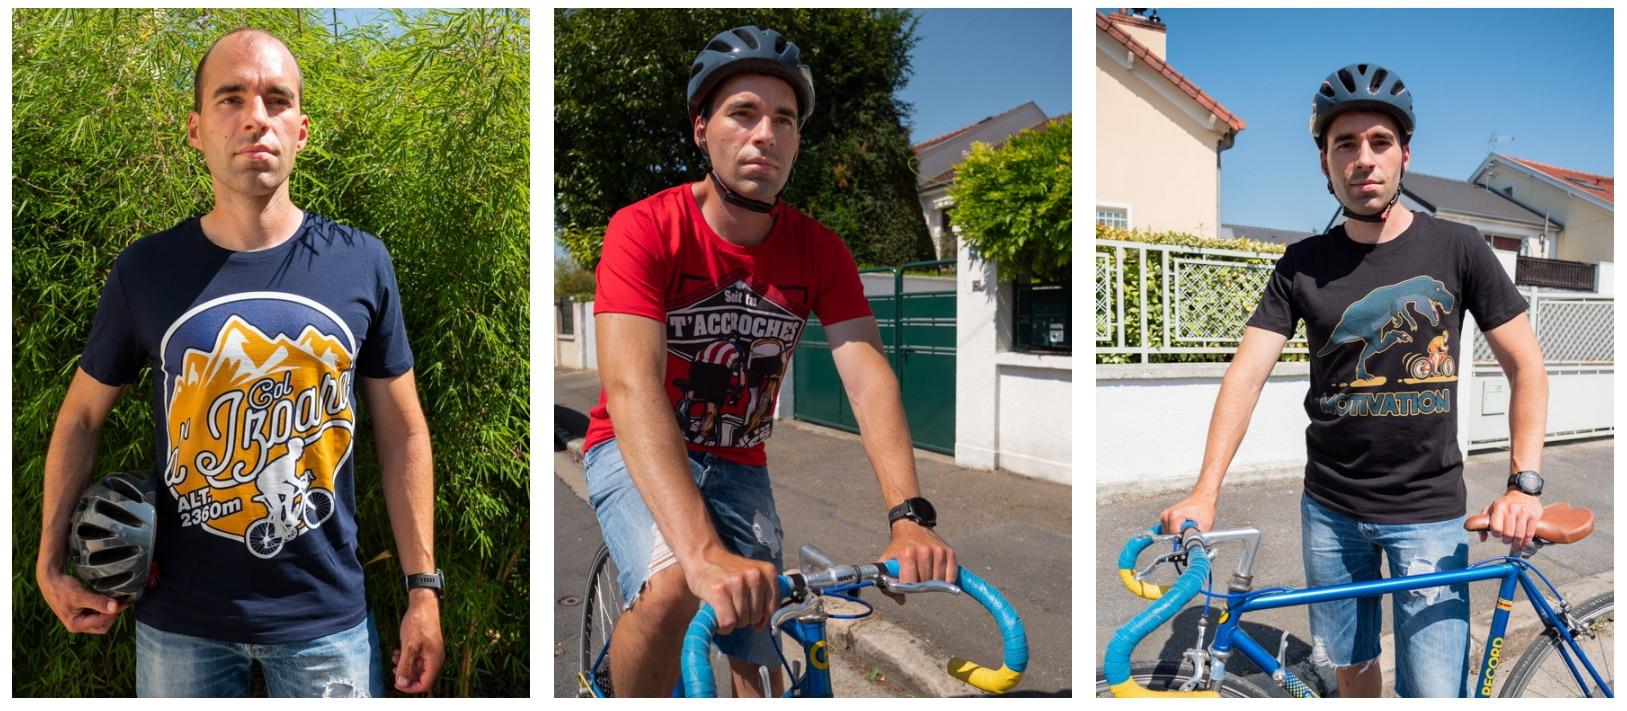 Ludo qui roule lors d'une compétition de vélo